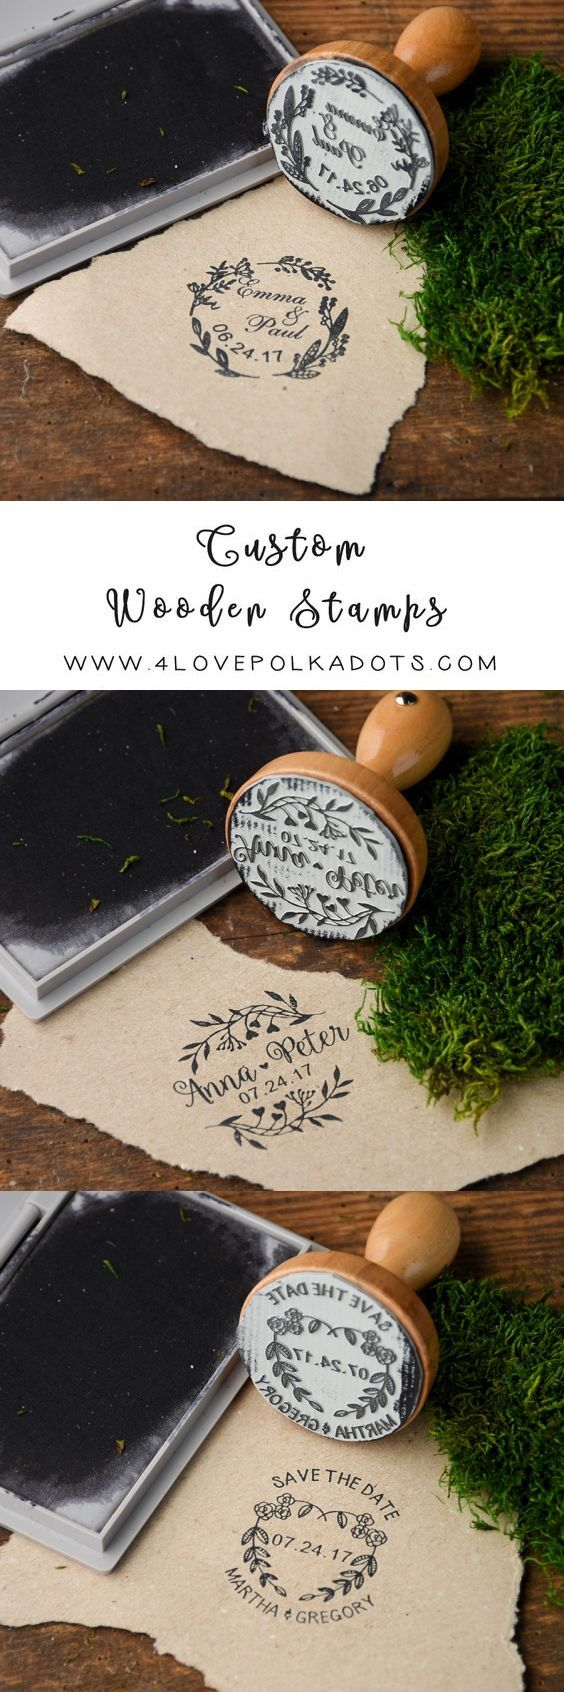 Rustic country wood wedding stamps #rusticwedding #countrywedding